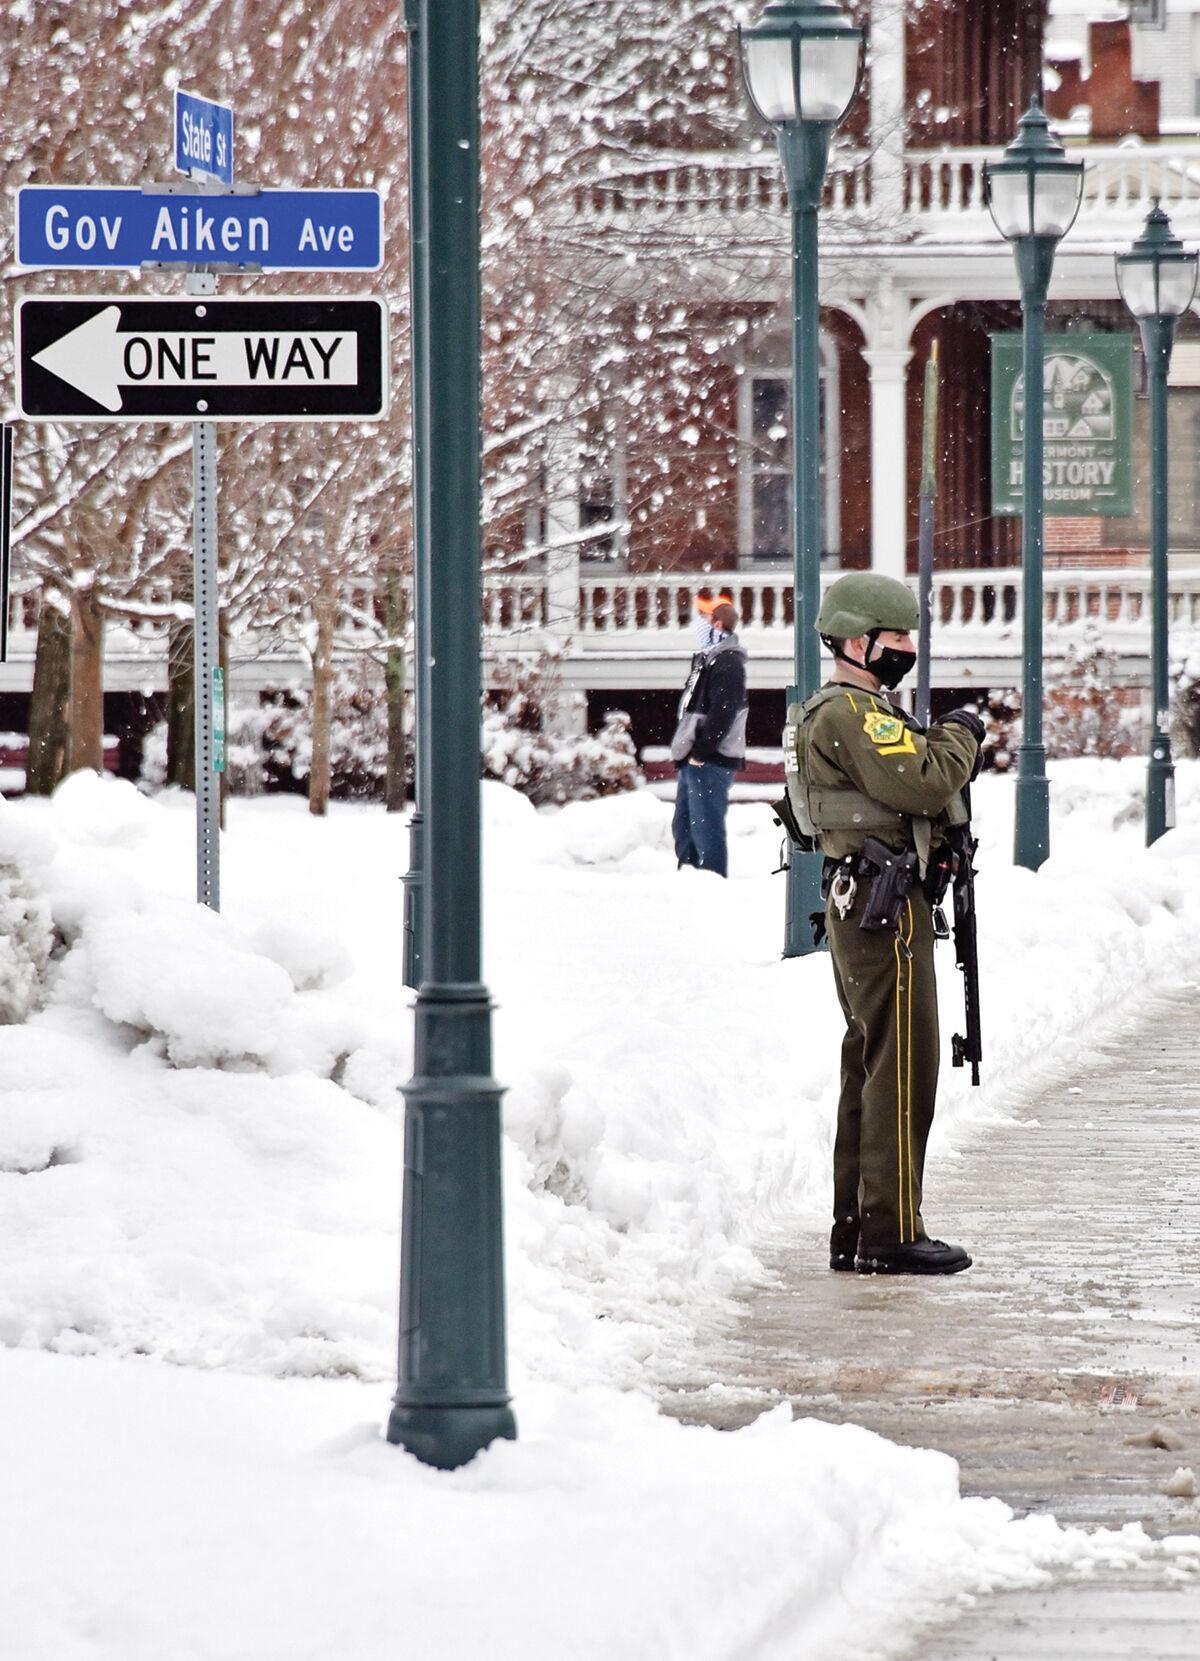 Law enforcement maintains a presence